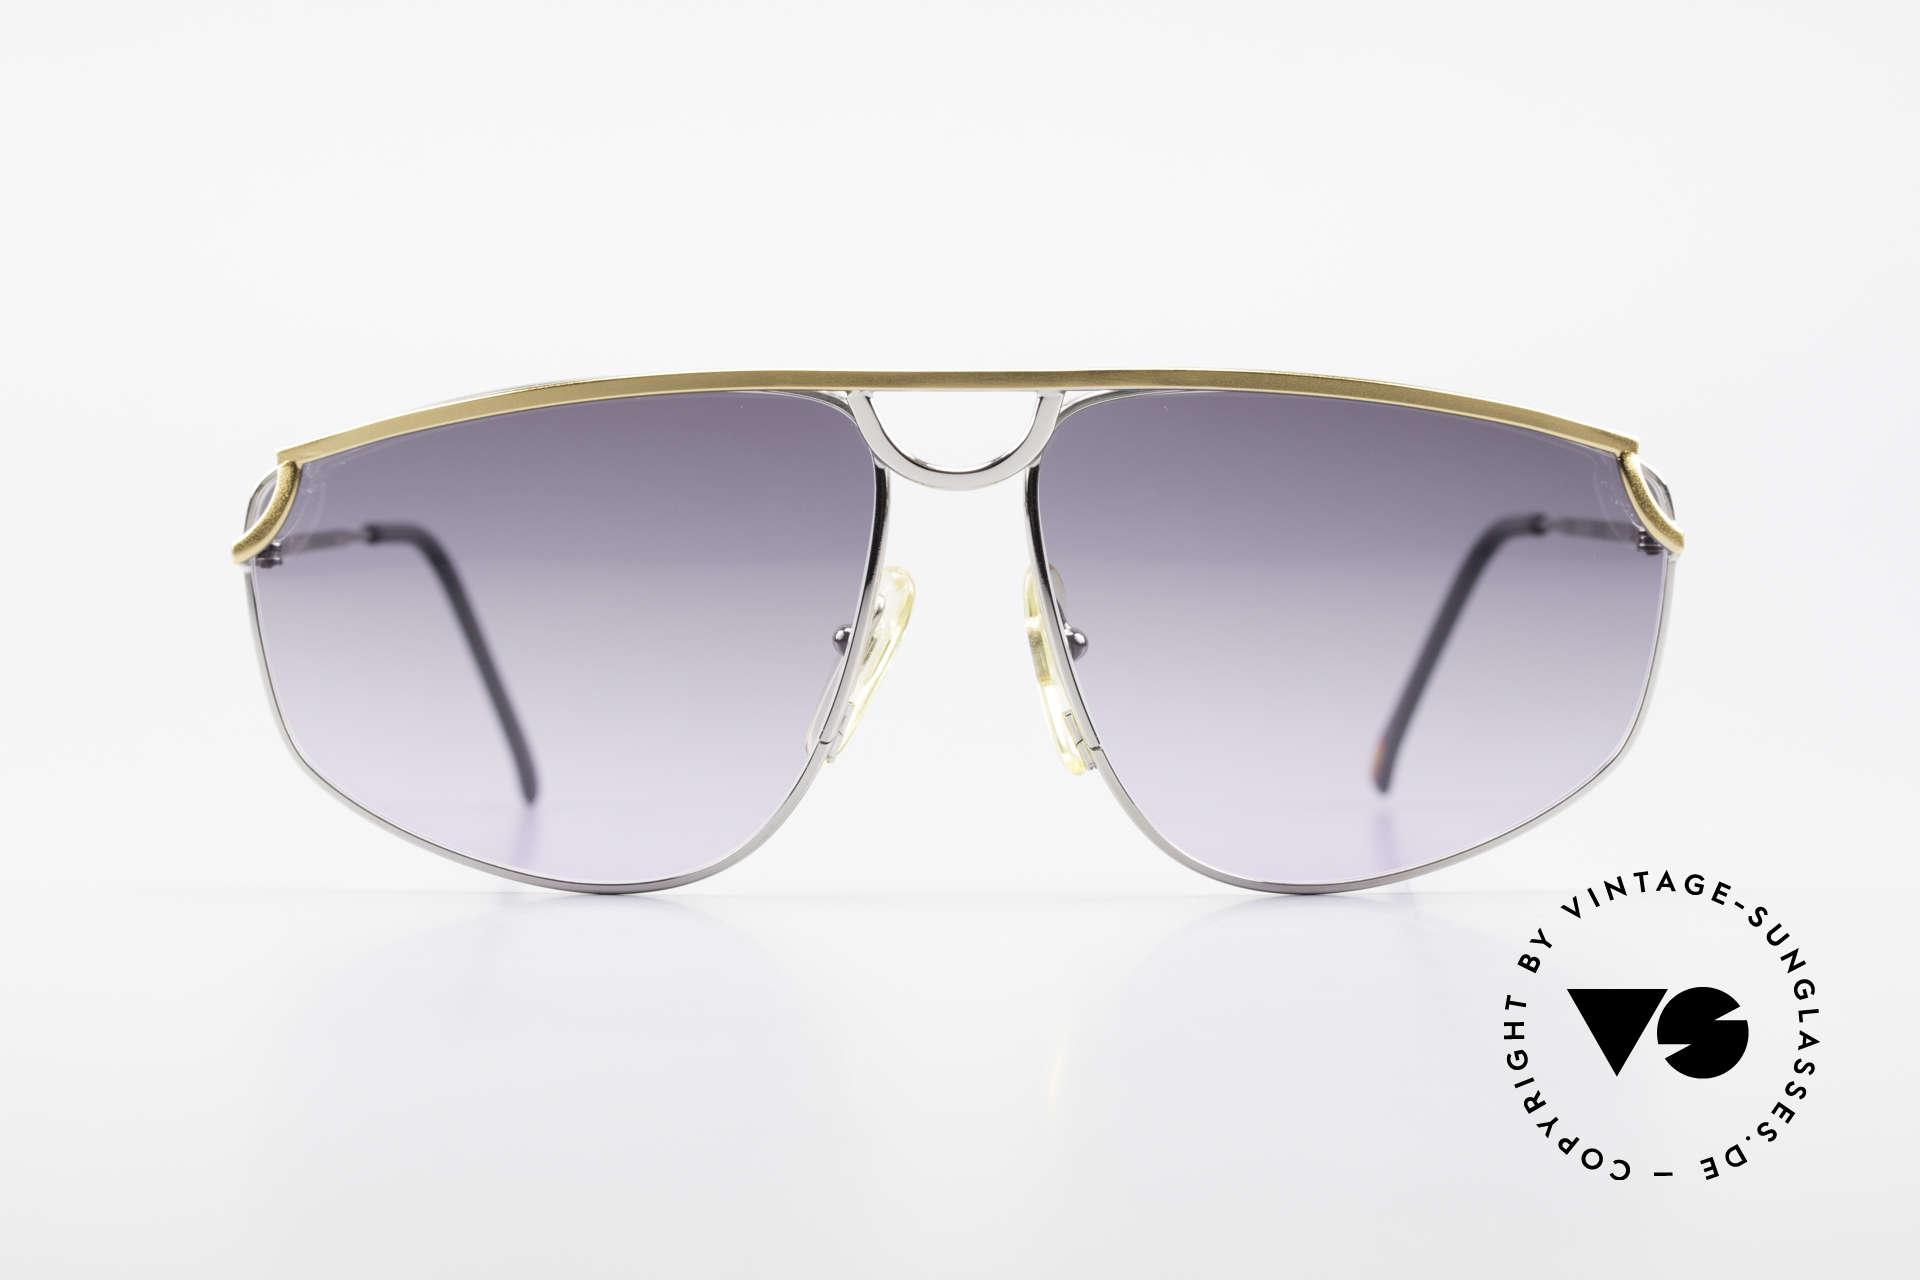 Casanova DSC9 Aviator Style Sonnenbrille, Titanium-Fassung mit vergoldeter Brücke und Bügeln, Passend für Herren und Damen